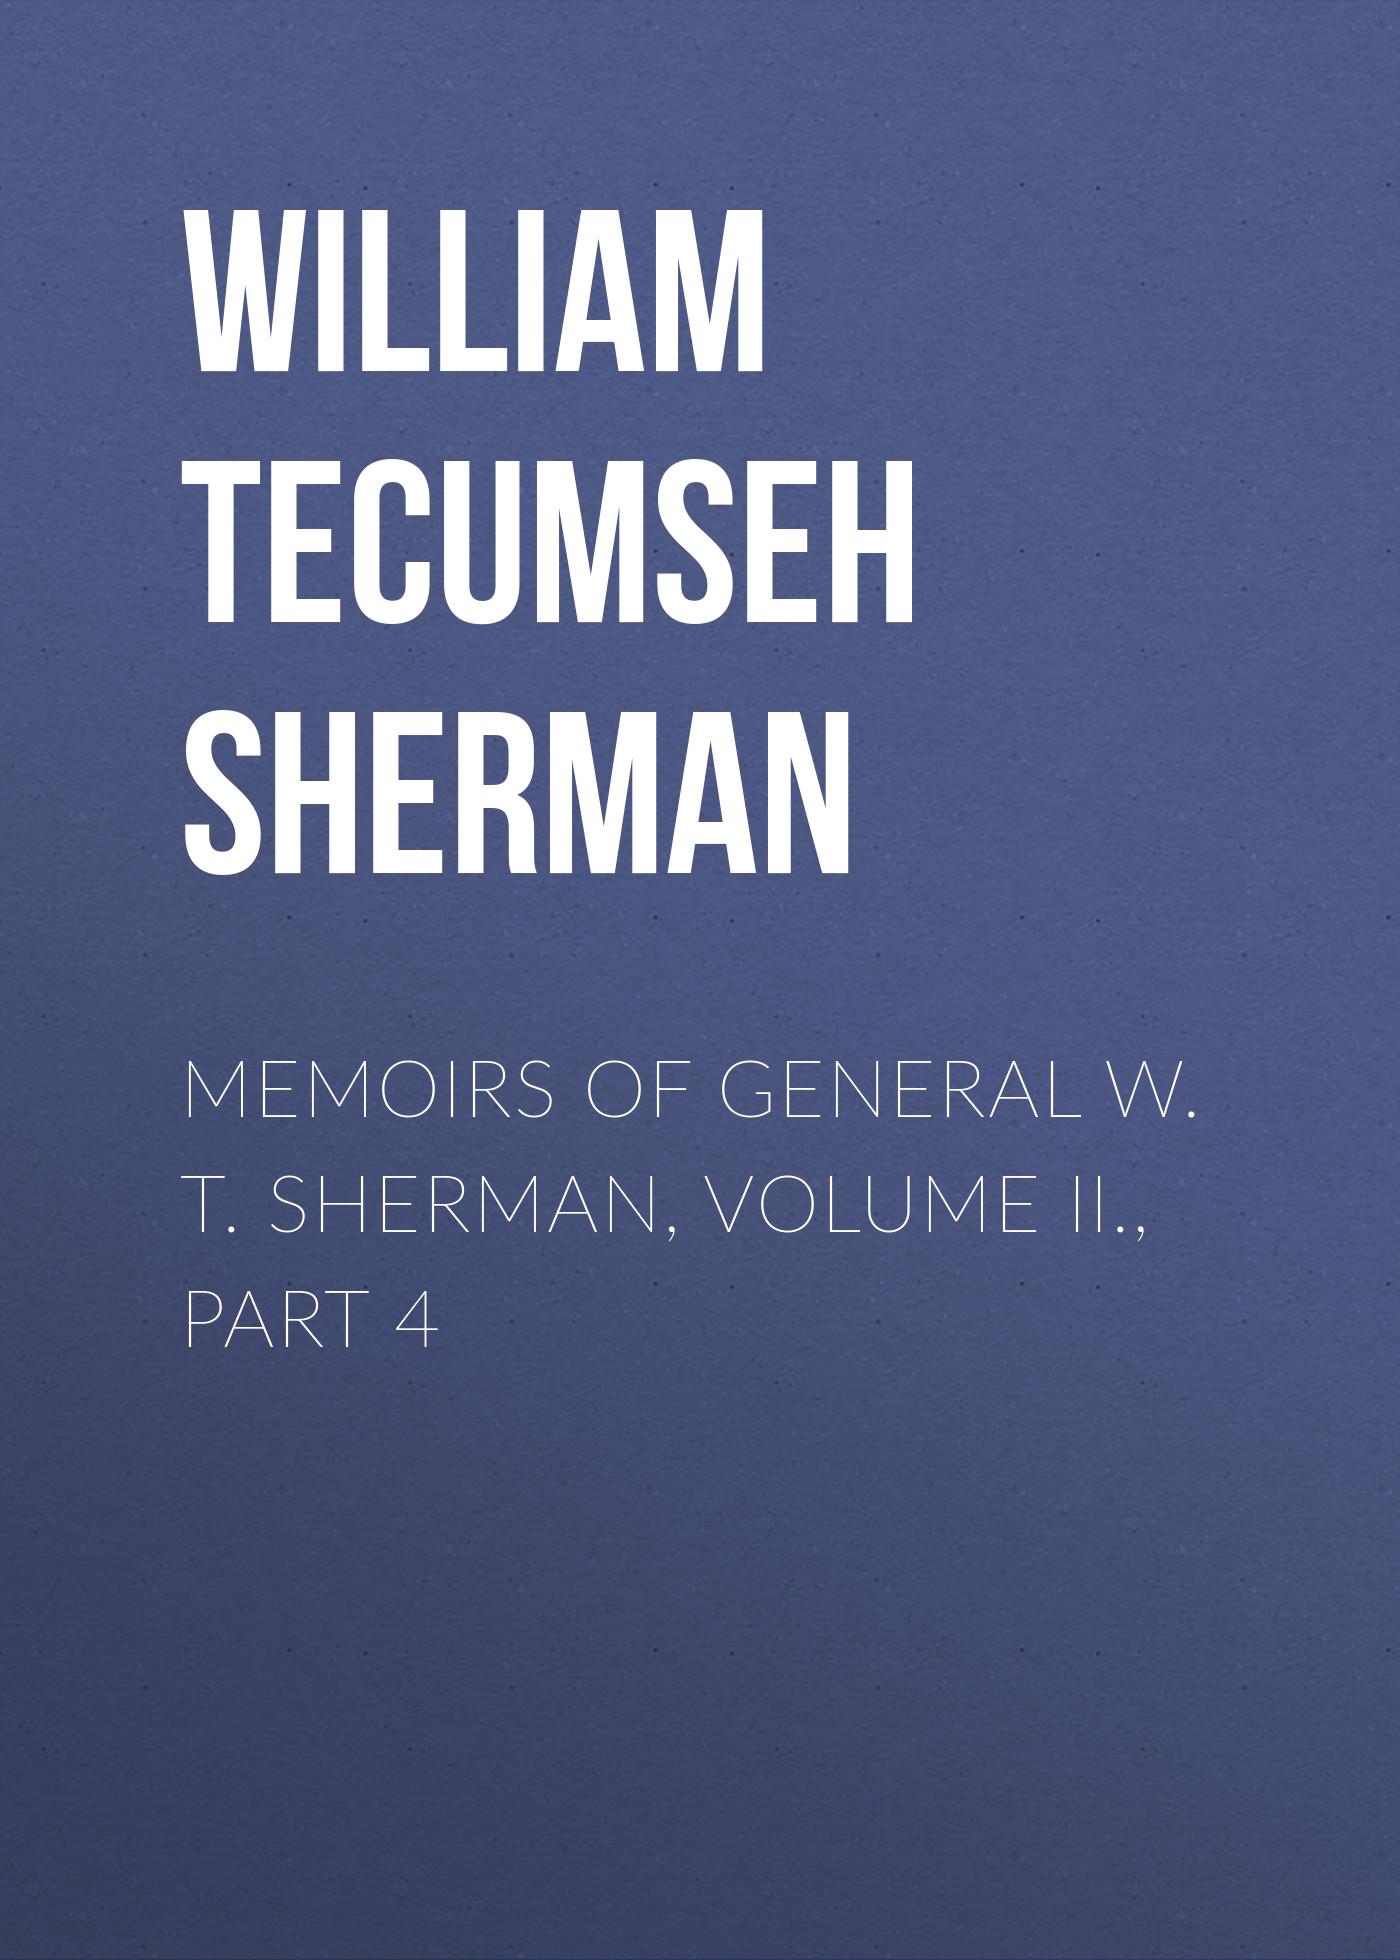 William Tecumseh Sherman Memoirs of General W. T. Sherman, Volume II., Part 4